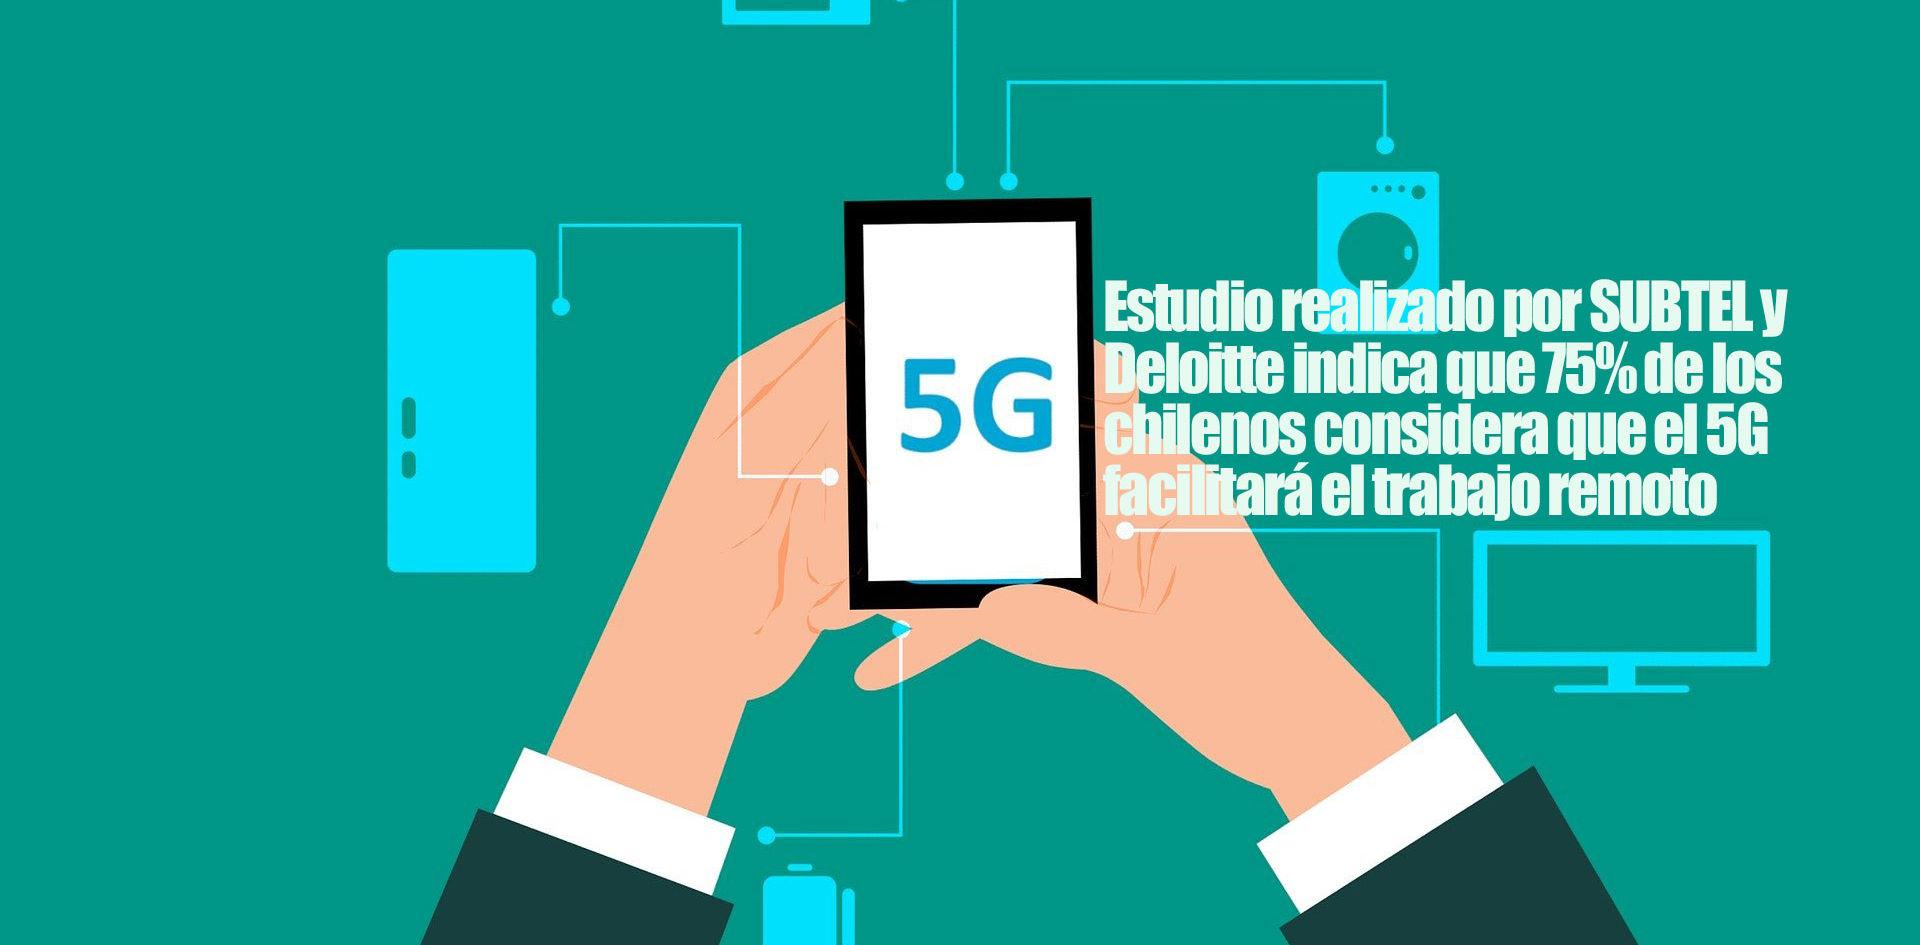 Estudio realizado por SUBTEL y Deloitte indica que 75% de los chilenos considera que el 5G facilitará el trabajo remoto